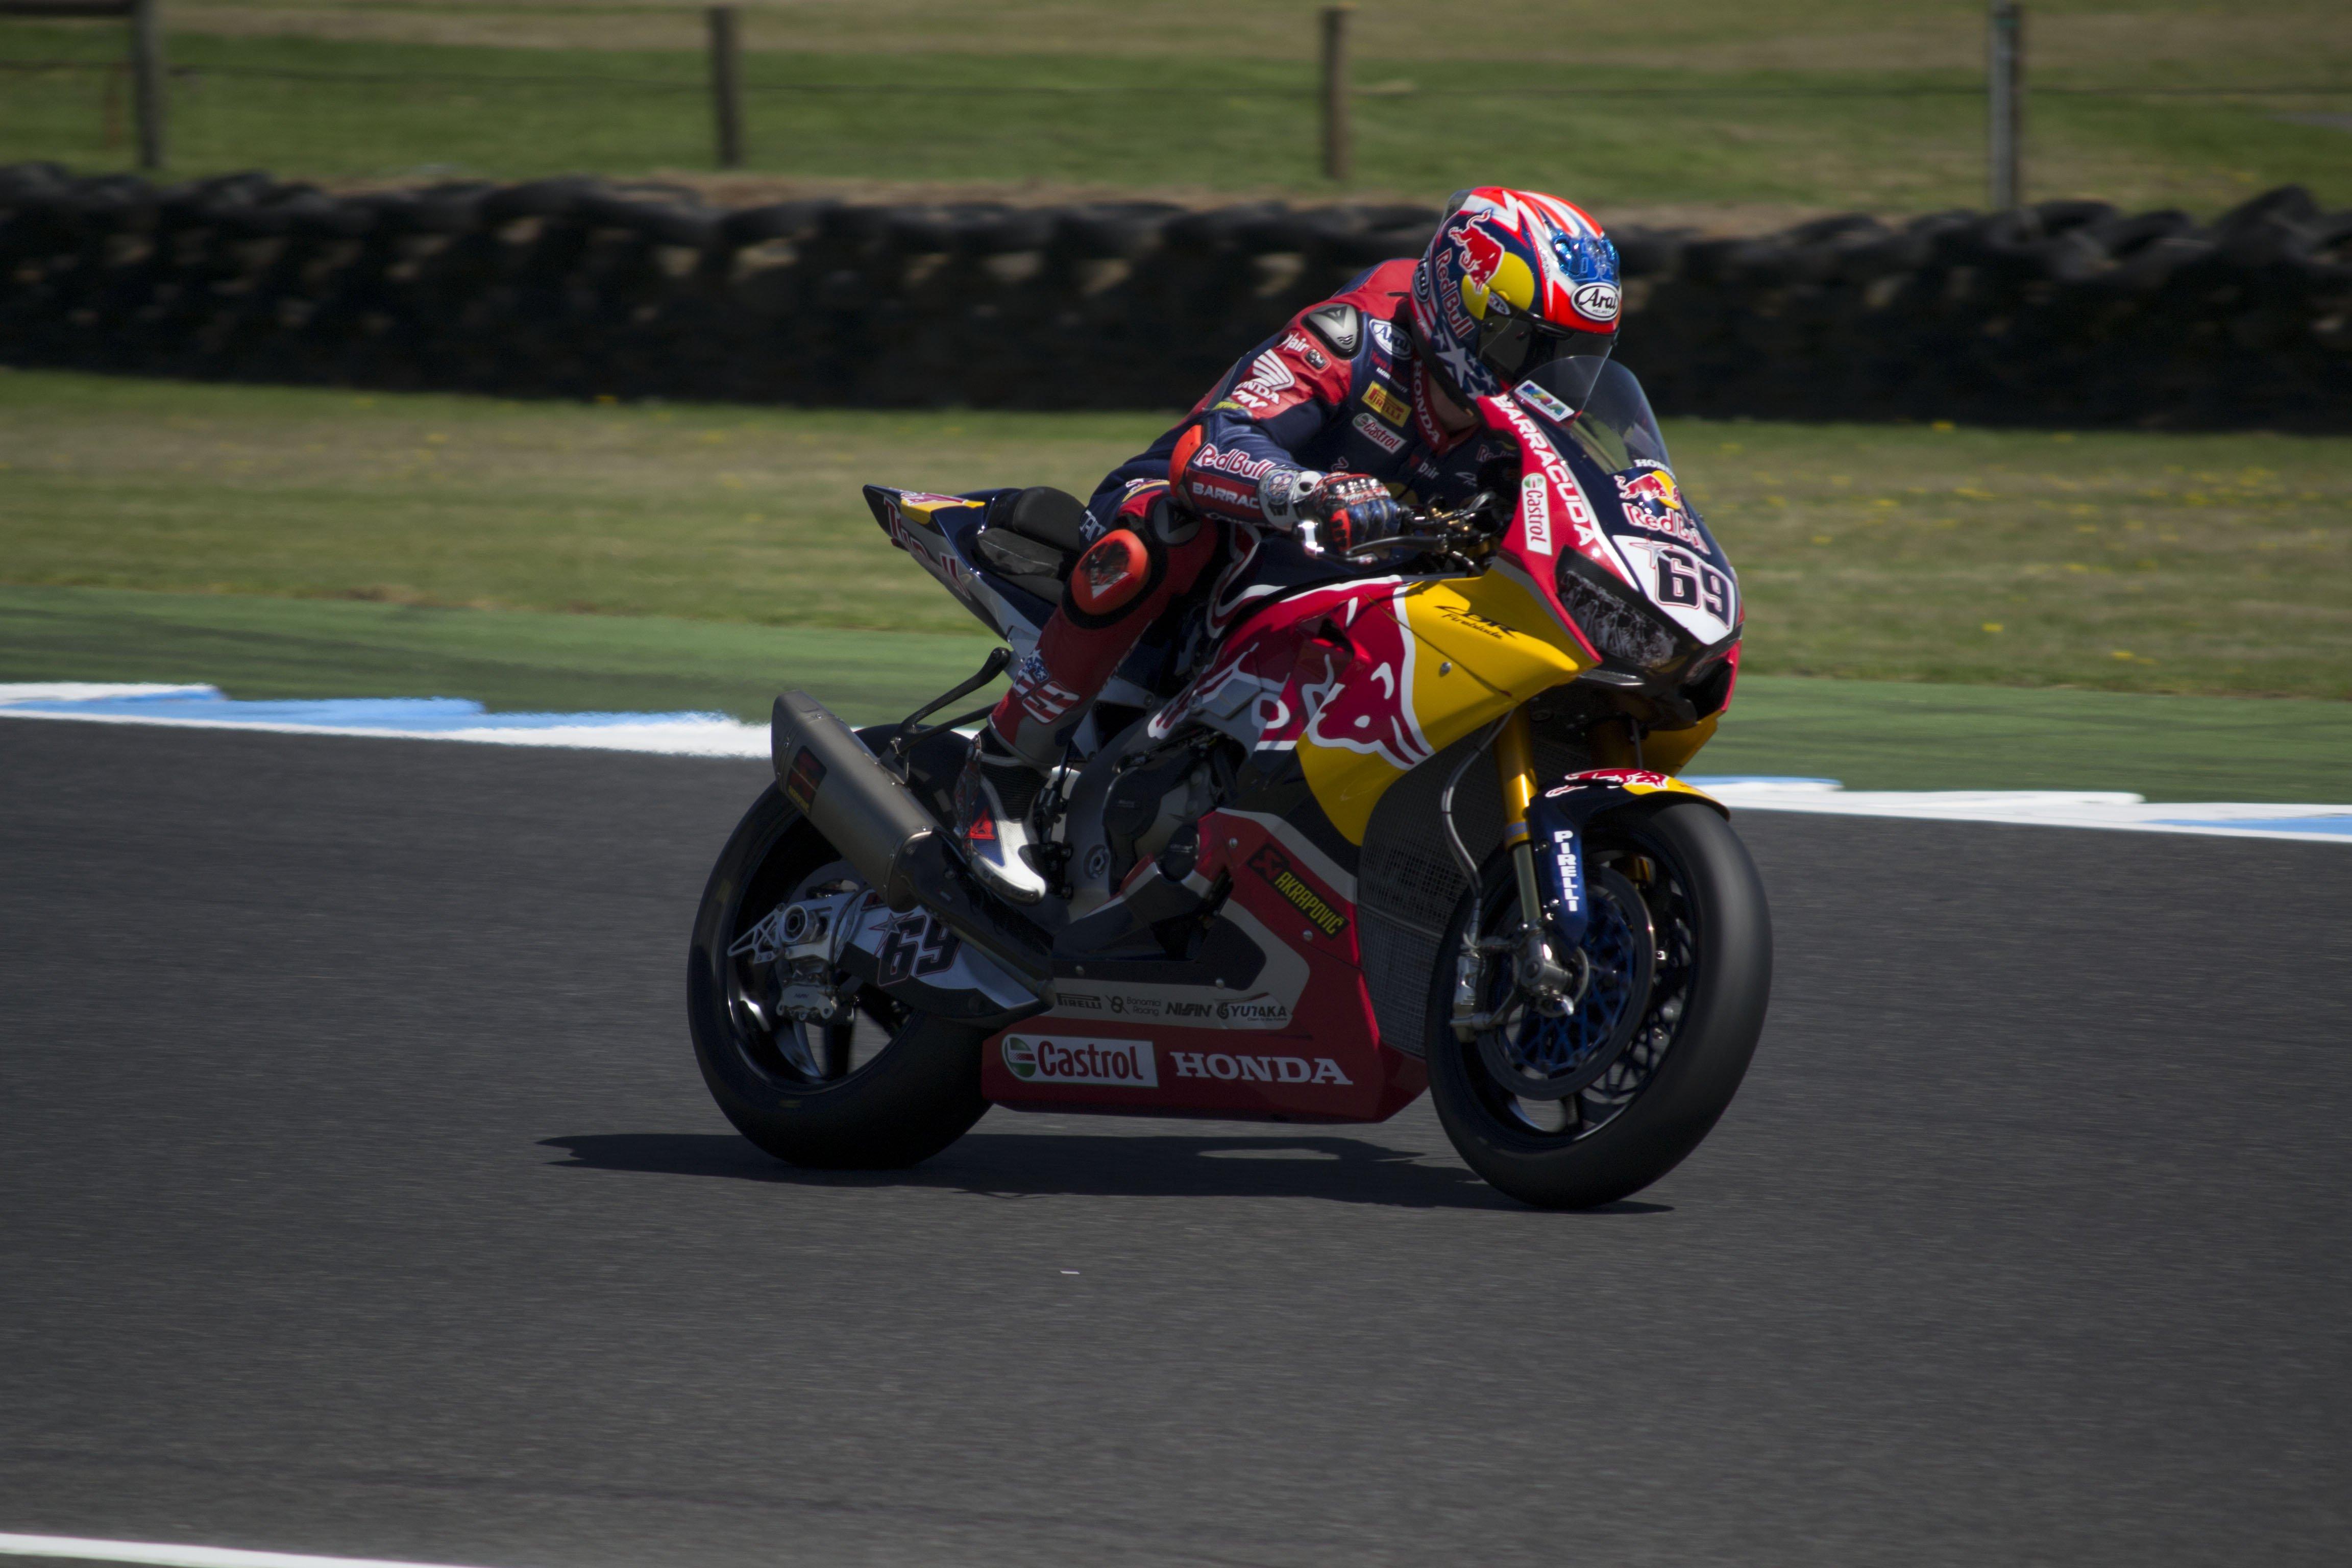 スーパーバイク世界選手権に活躍の場を移す